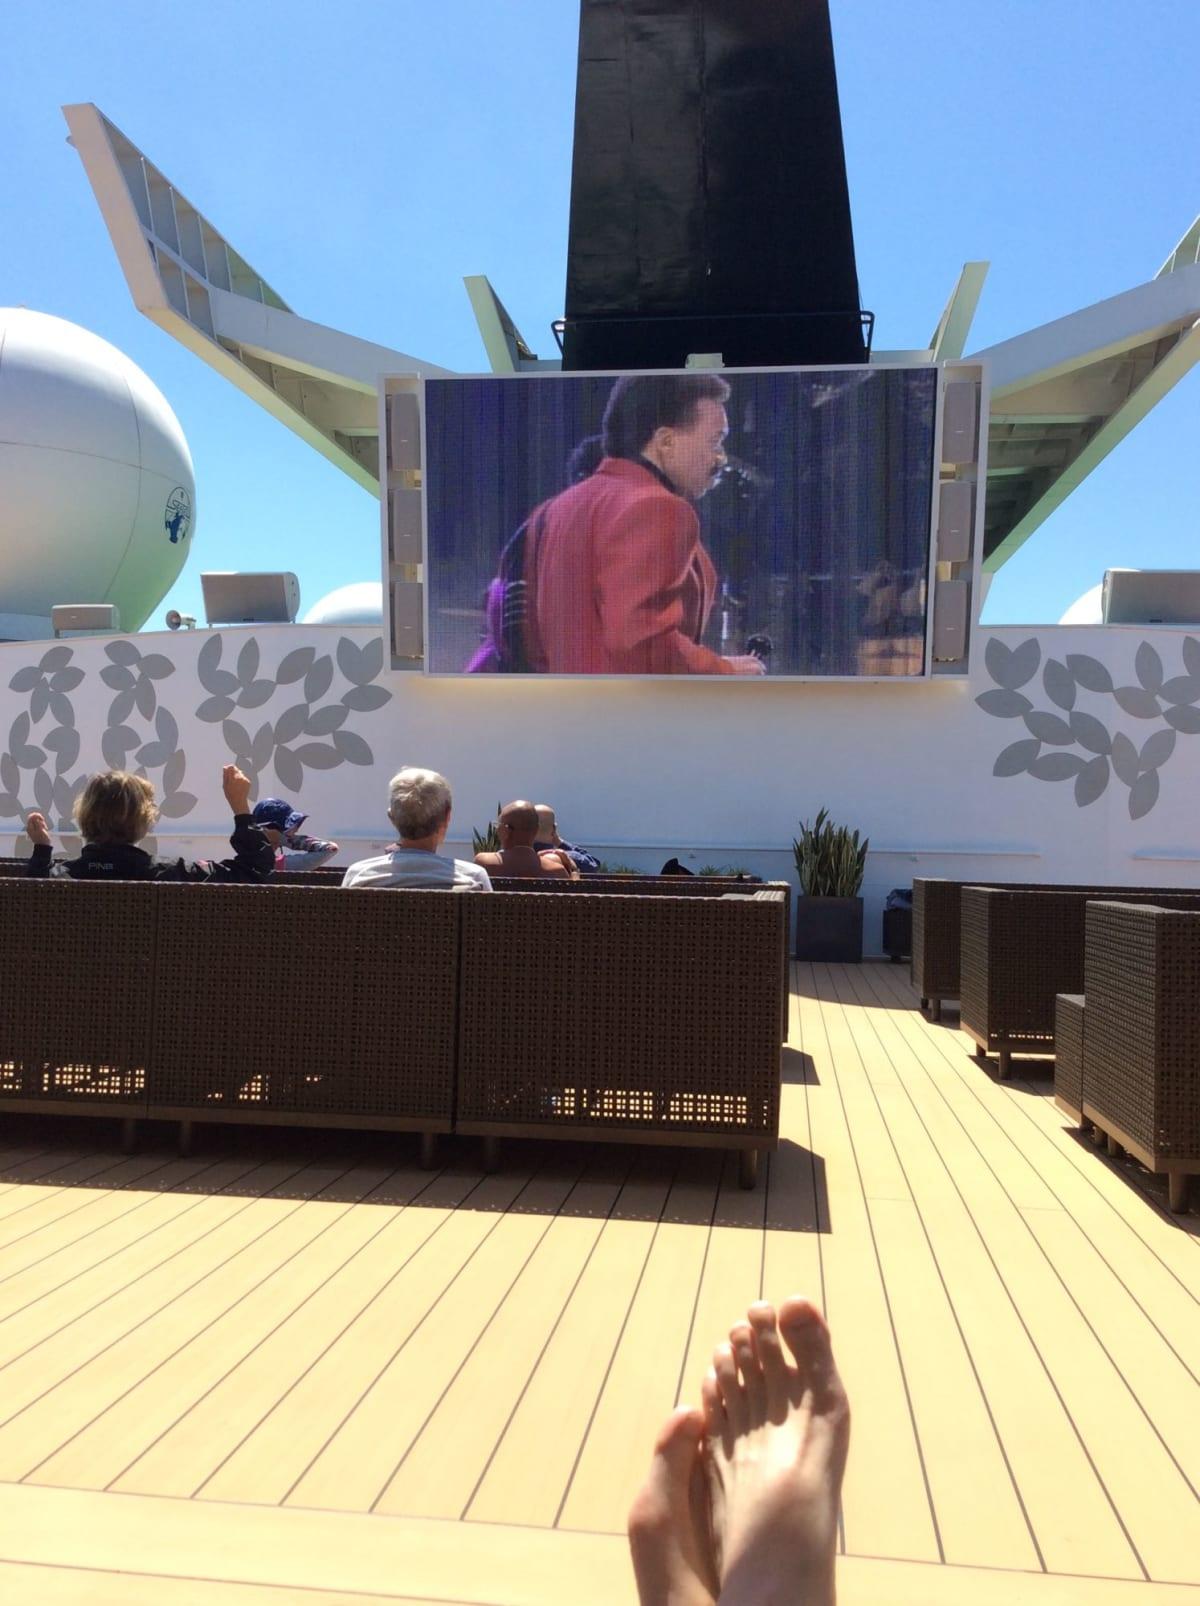 アッパーデッキ船尾に位置する大型スクリーン。 ここで寛いでいたら【マツコの知らない世界】の撮影があって、 僅かながら私もTVに映る事になろうとは…苦笑   客船セレブリティ・ミレニアムのアクティビティ、船内施設